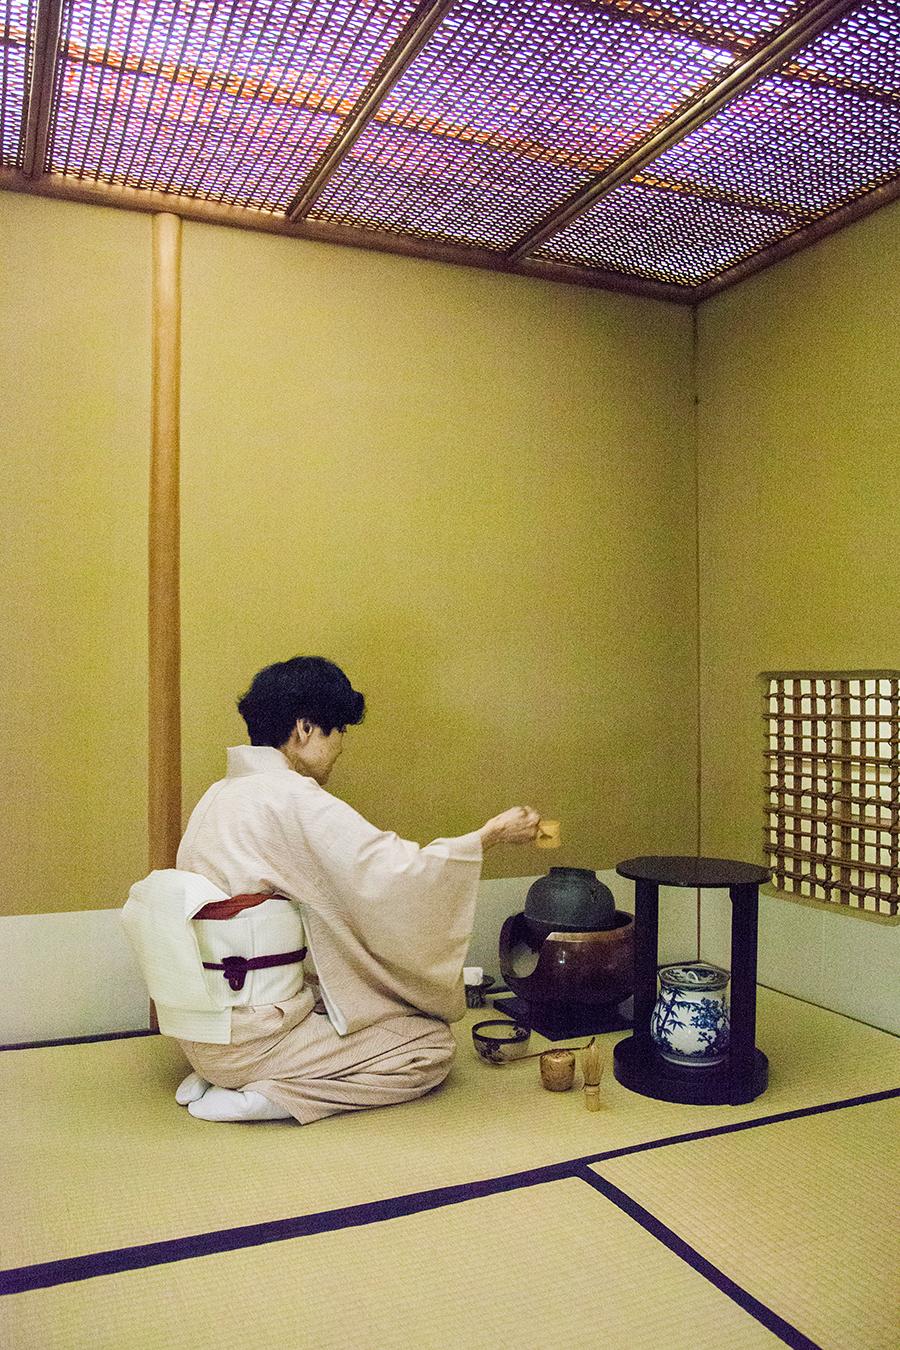 hotel imperial tokyo cerimonia del the